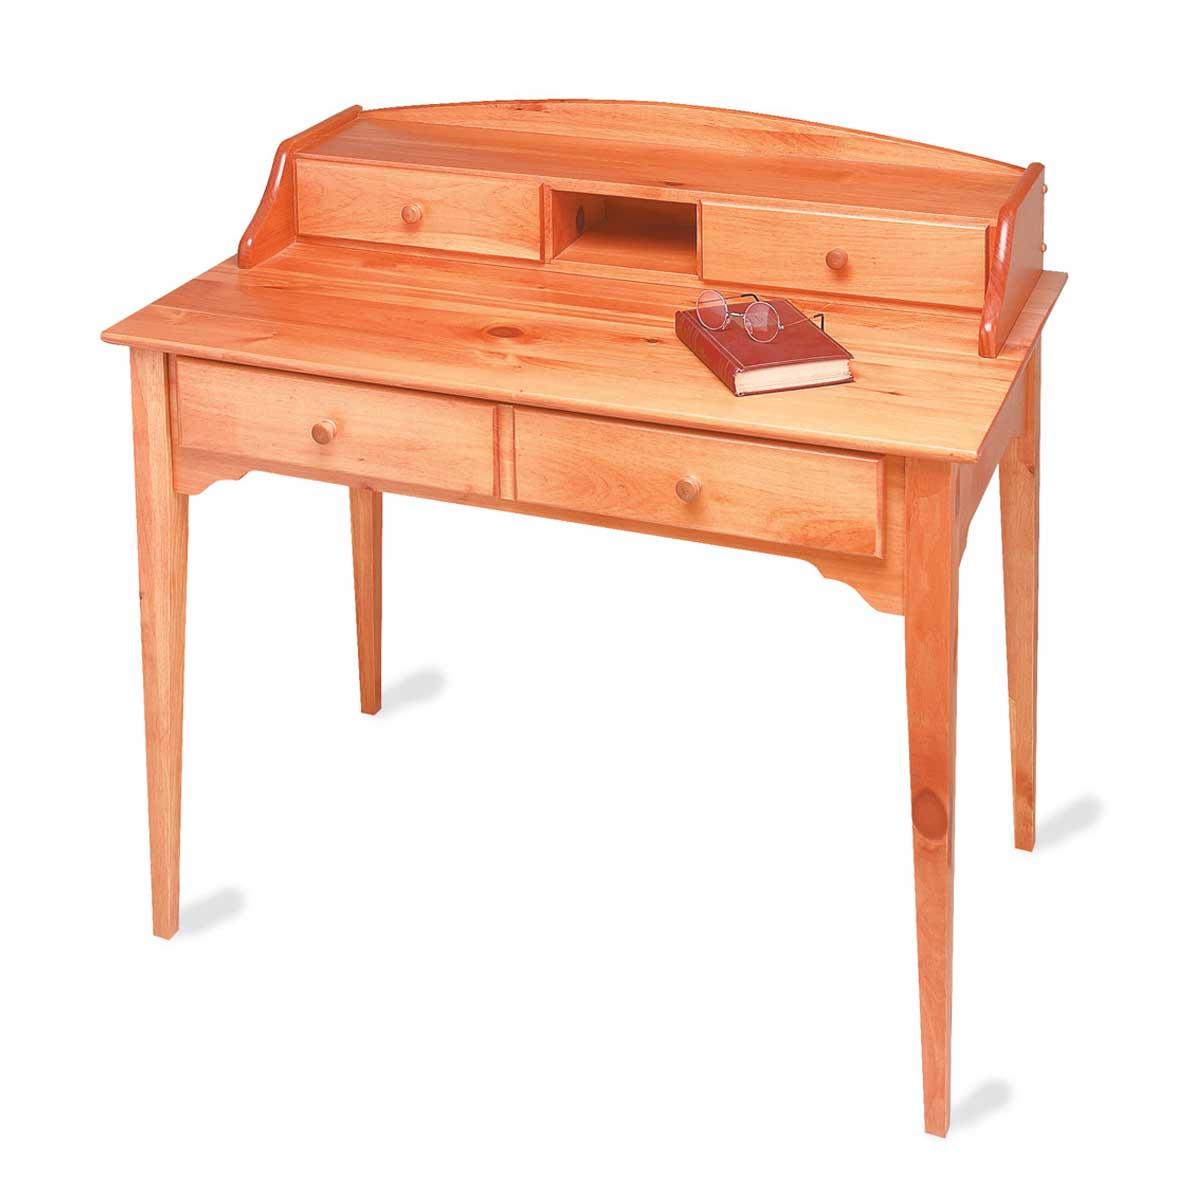 Wood Desk Heirloom Solid Pine Mission Desk For Office